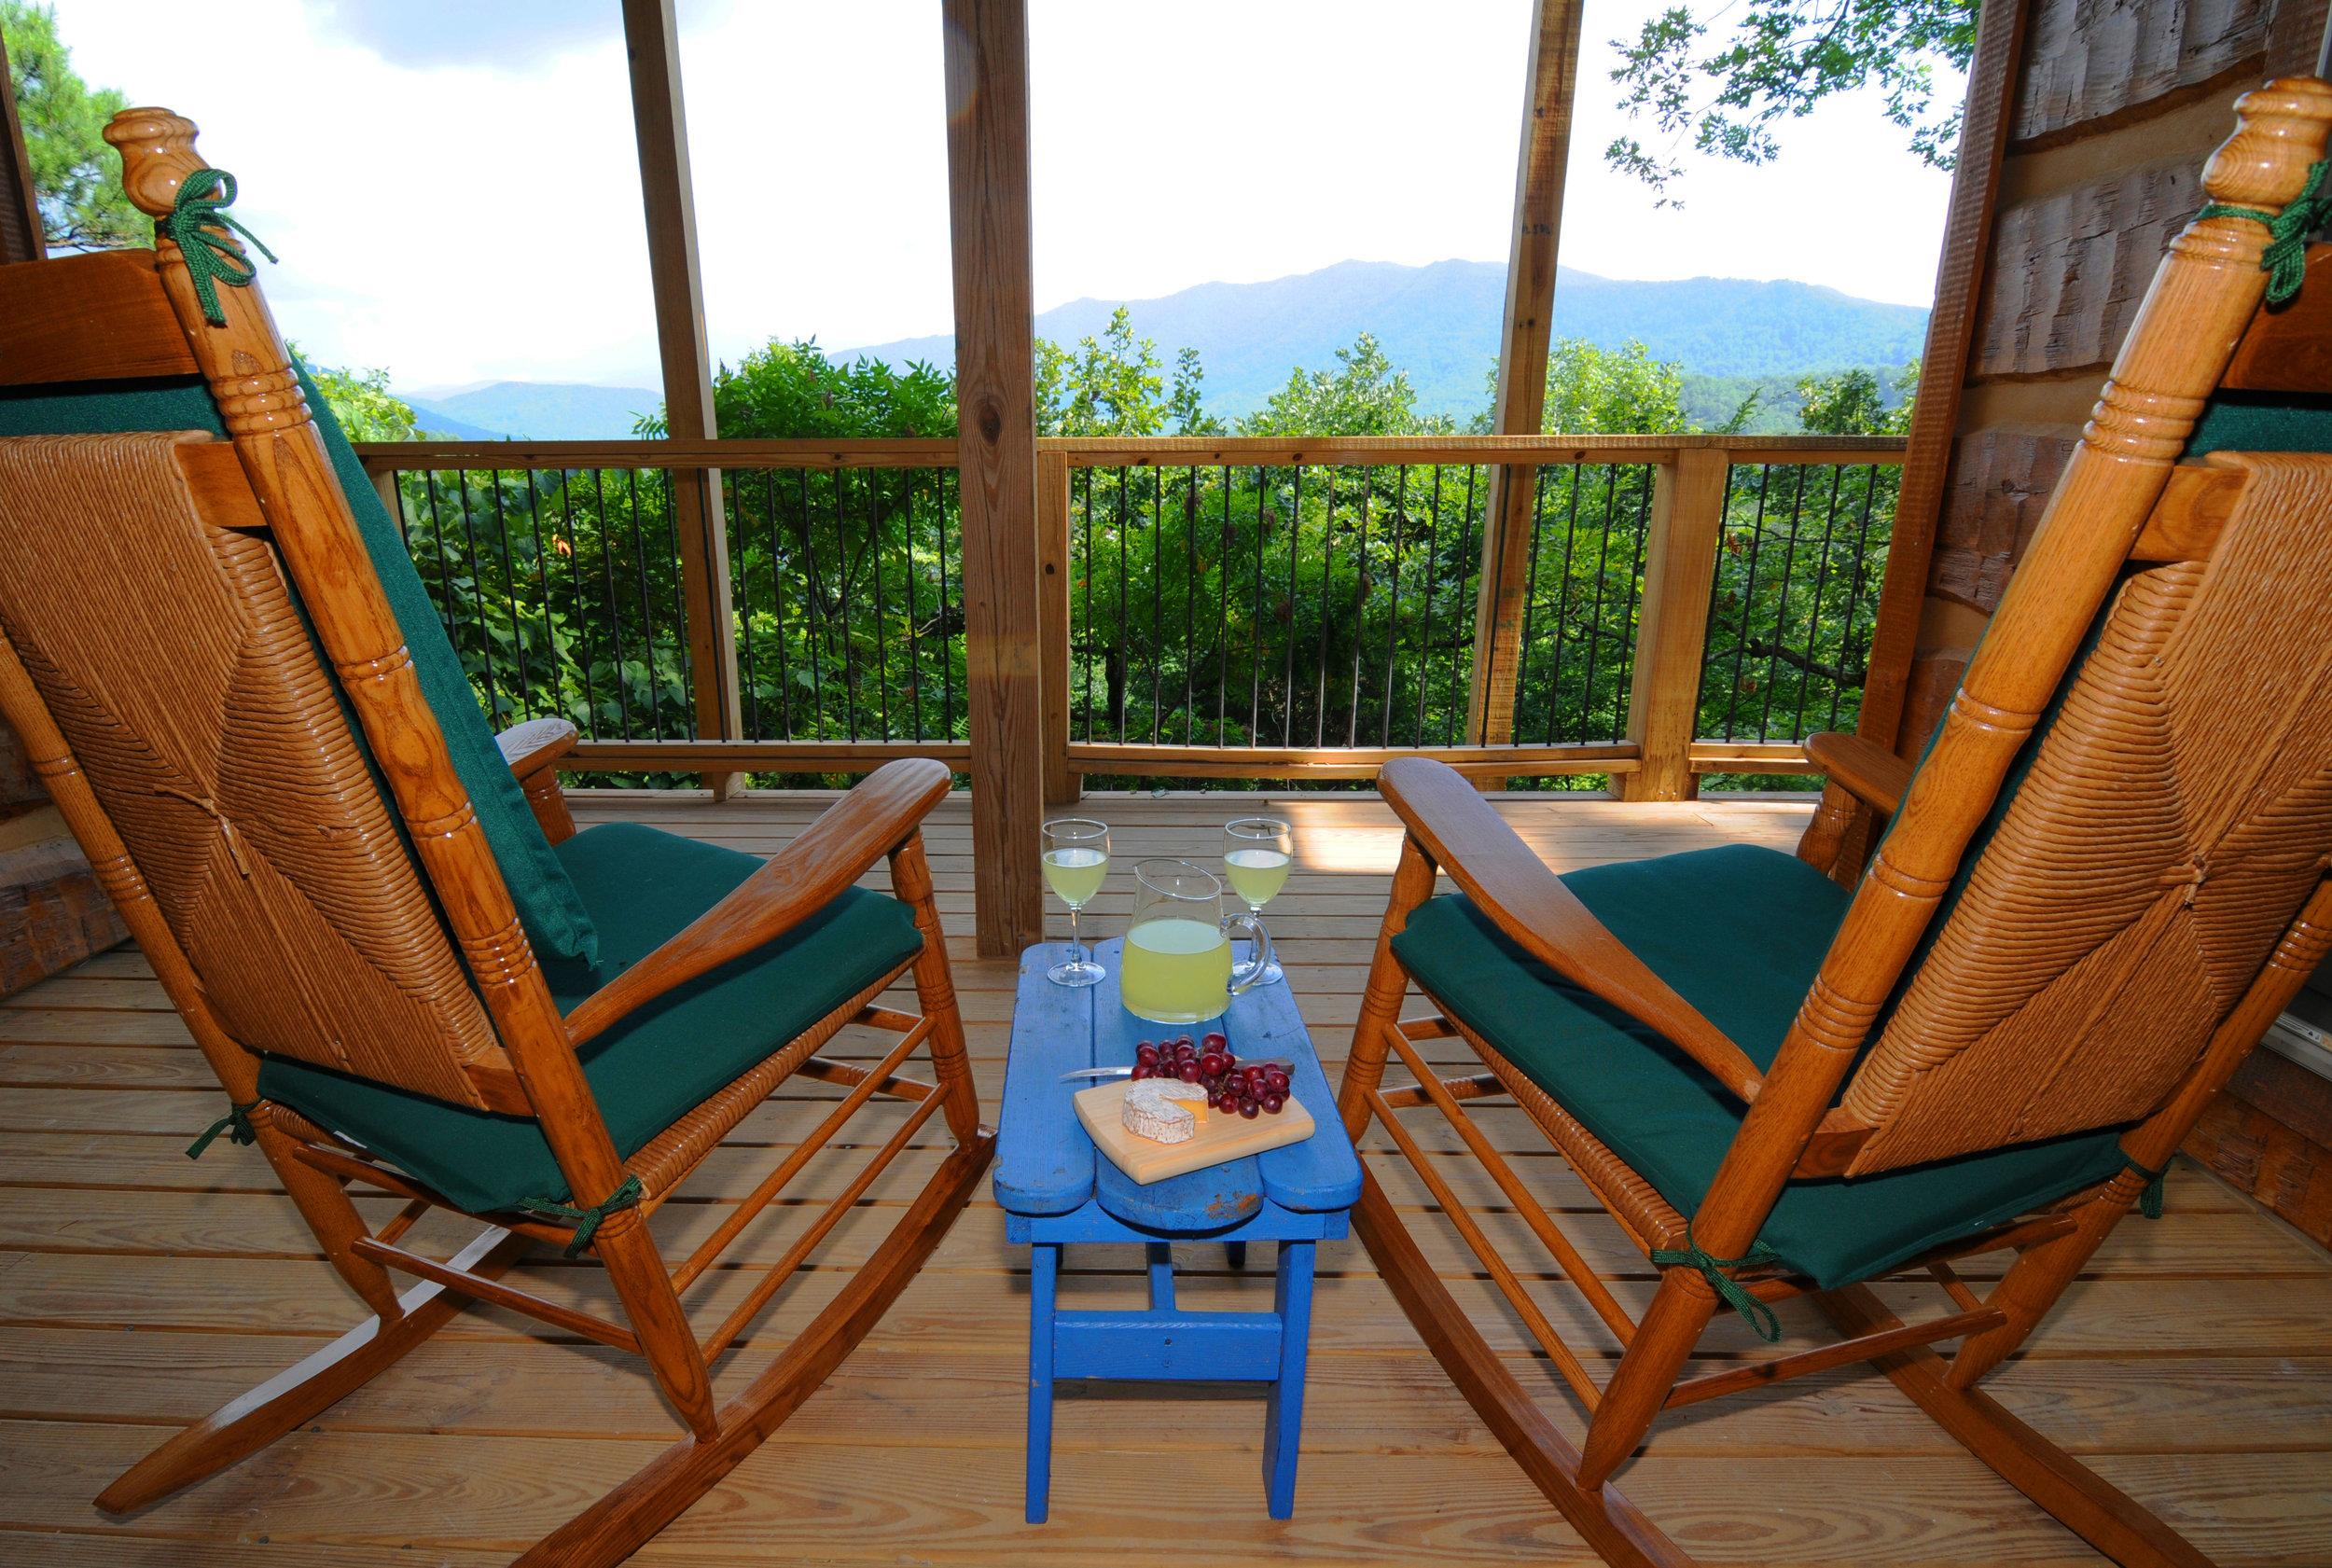 Raw00156_Rocking Chairs & Lemonade View.jpg